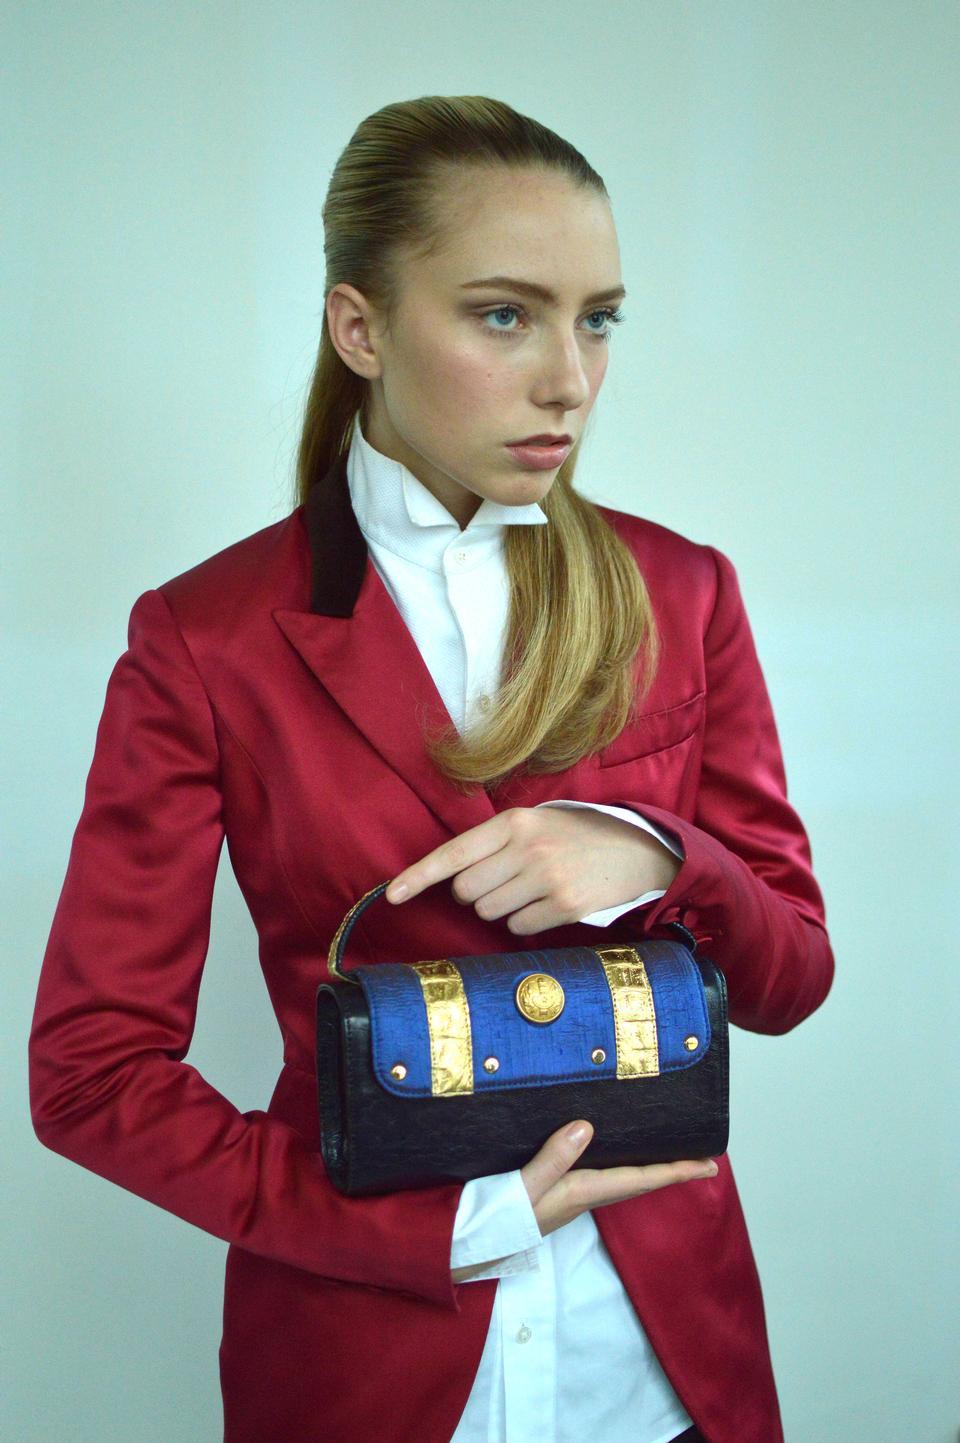 La modella Alexis nel servizio fotografico di New York